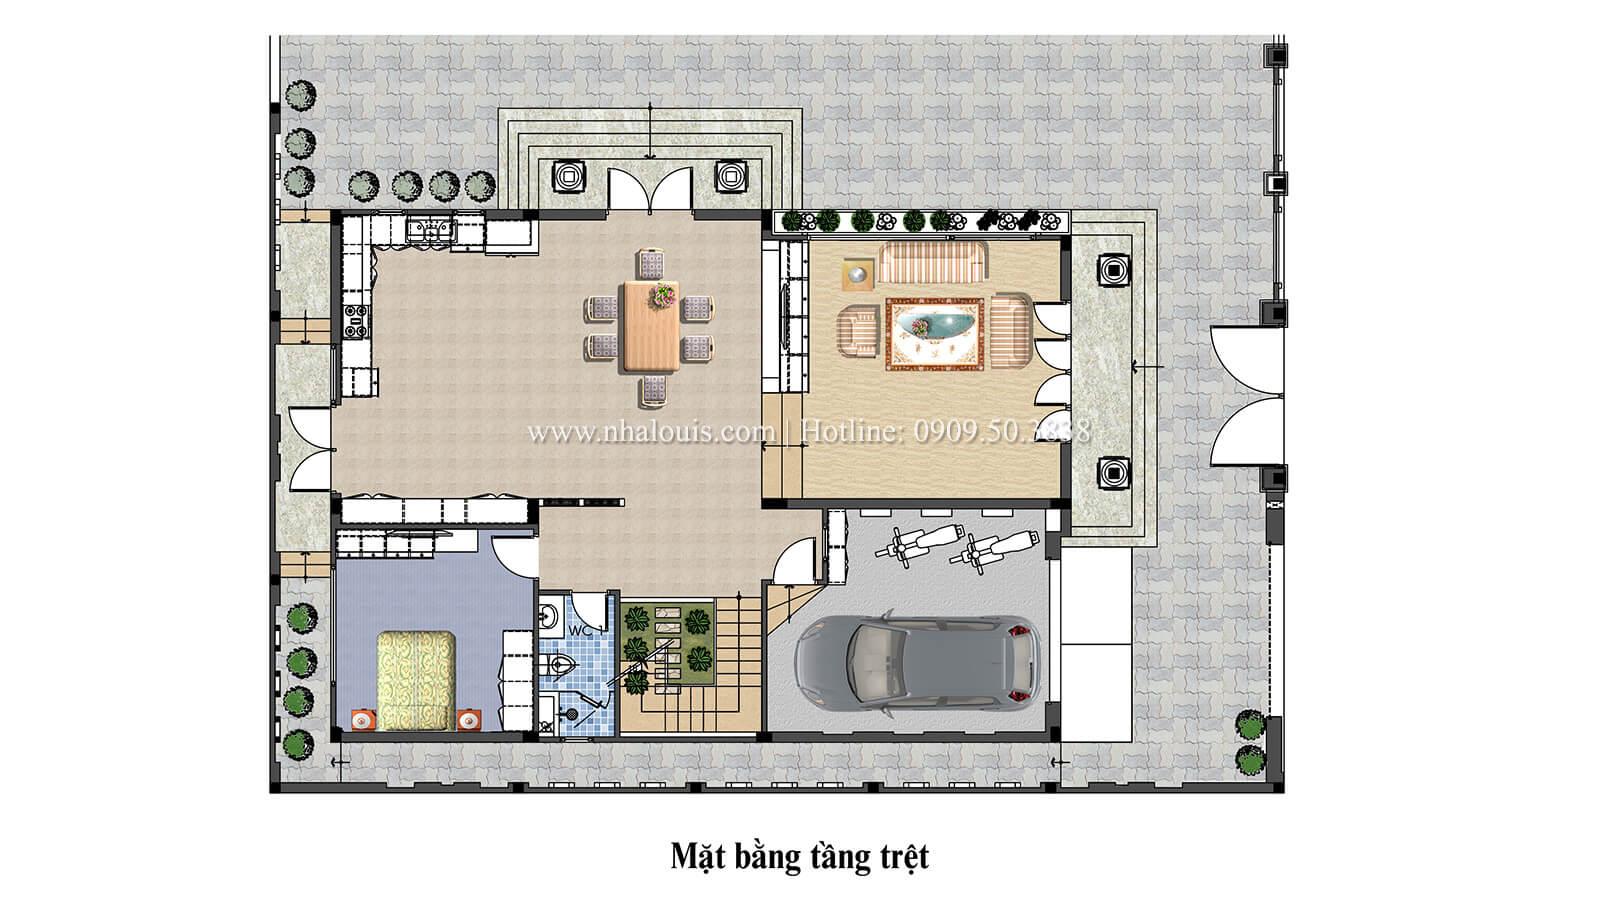 Mặt bằng tầng trệt nhà 2 tầng hiện đại mái thái